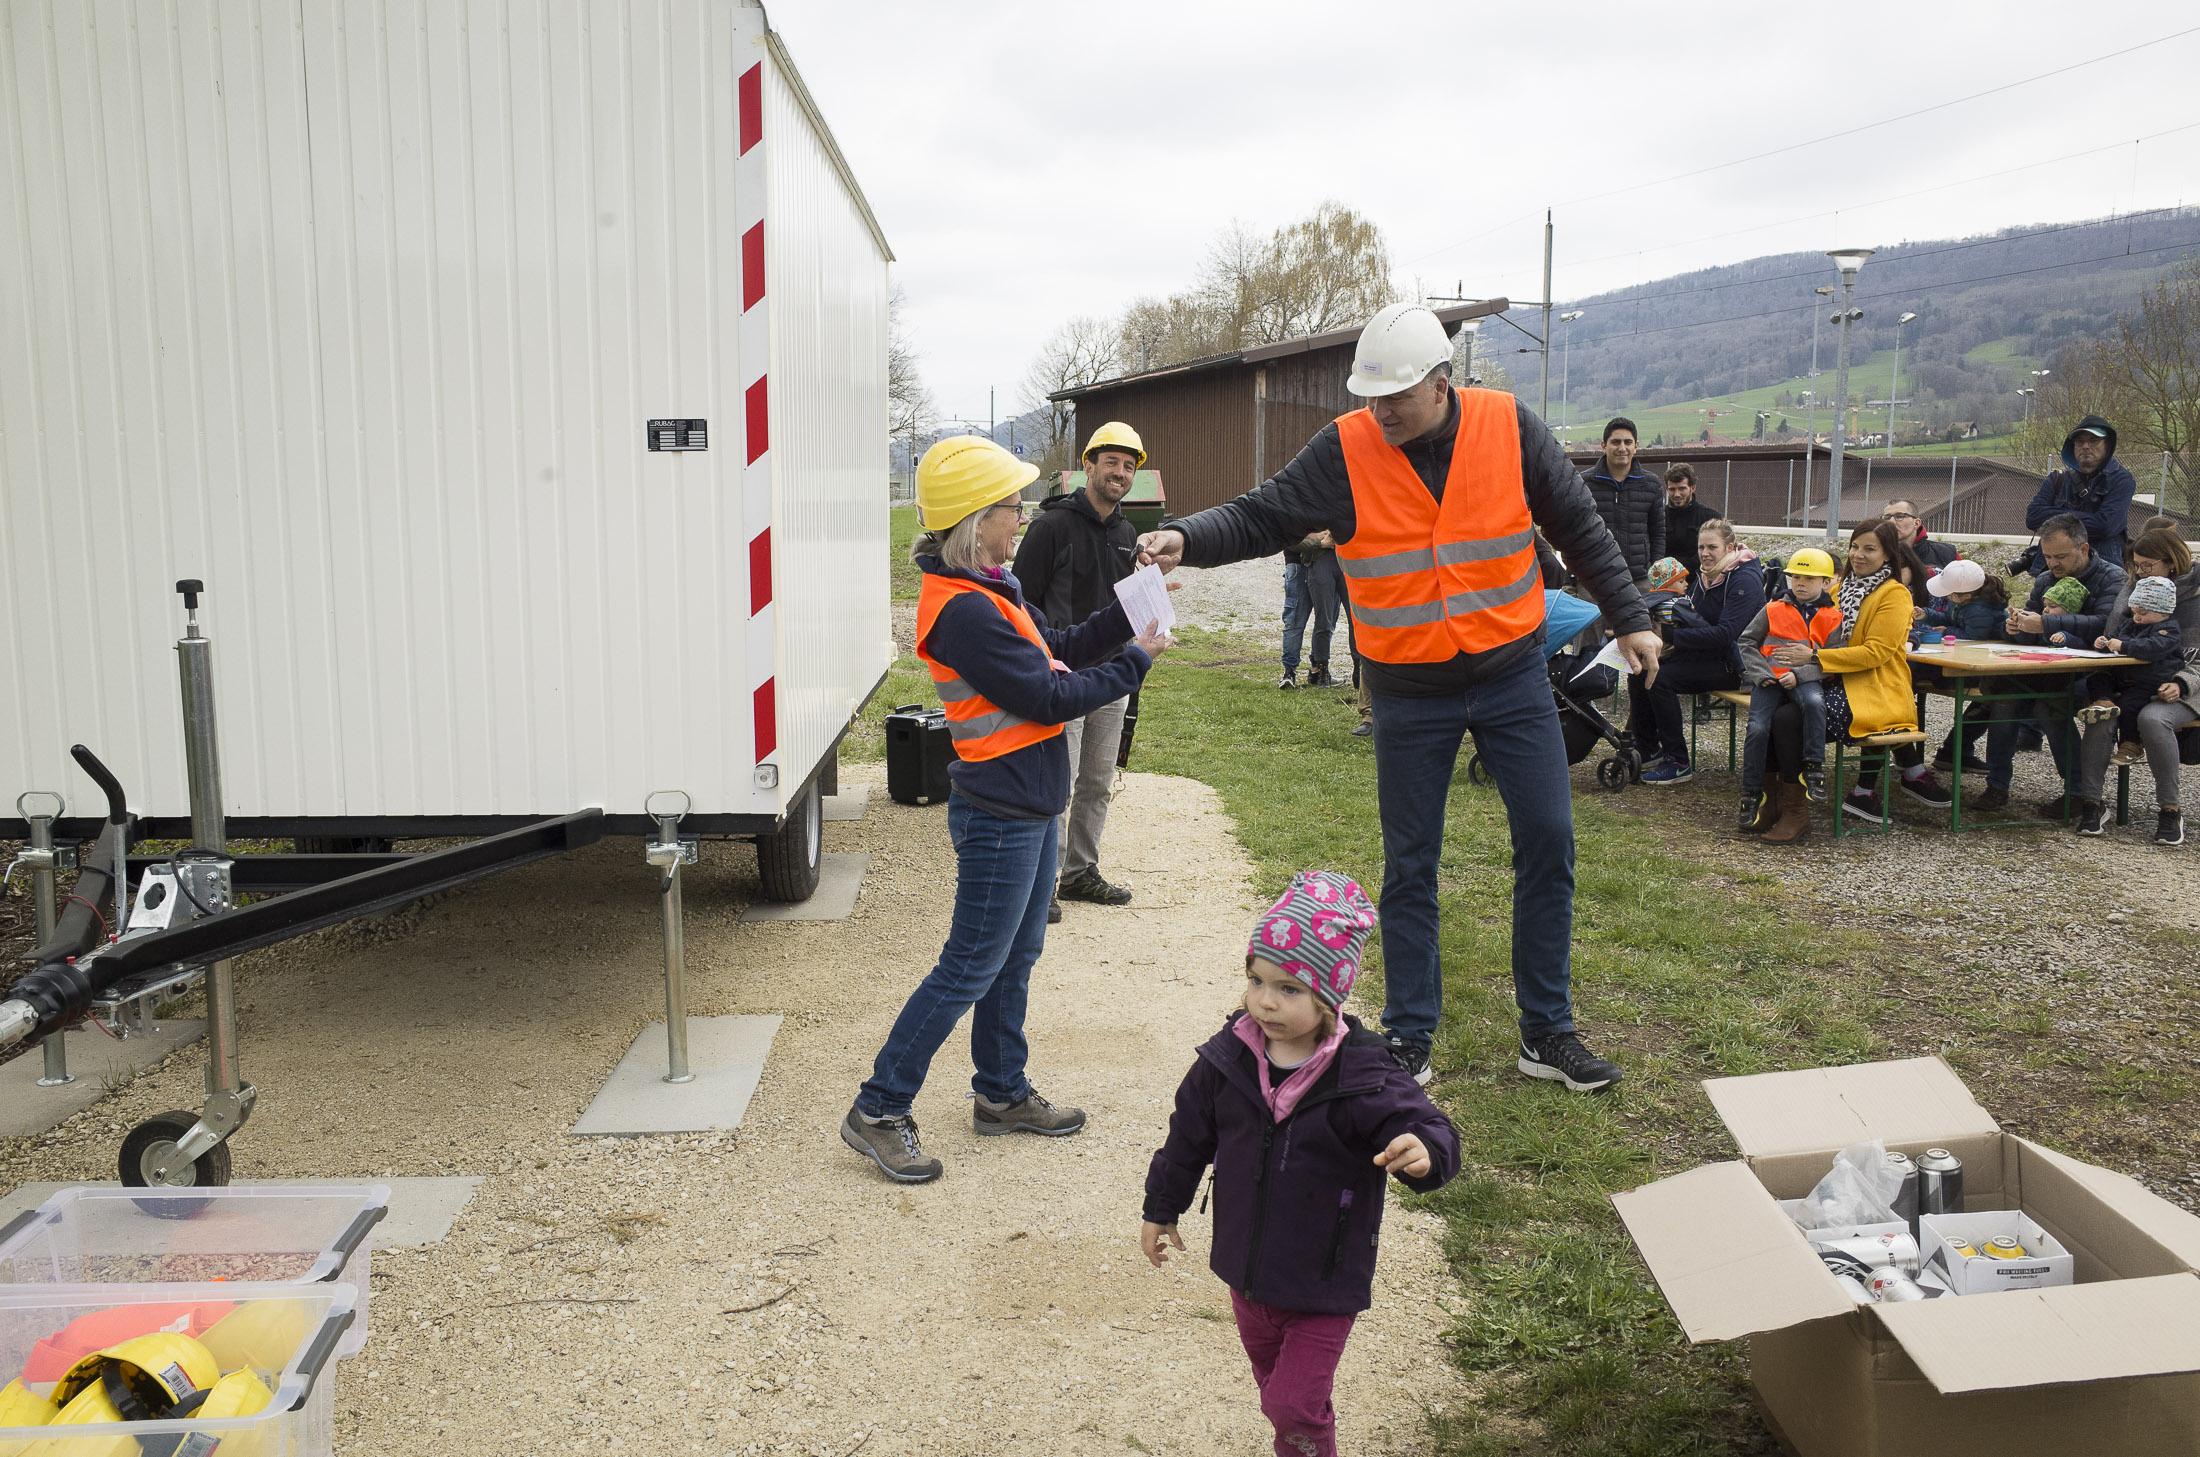 Schlüsselübergabe des Bauwagens durch Gemeinderat Martin Eberhard am 7.4.2019